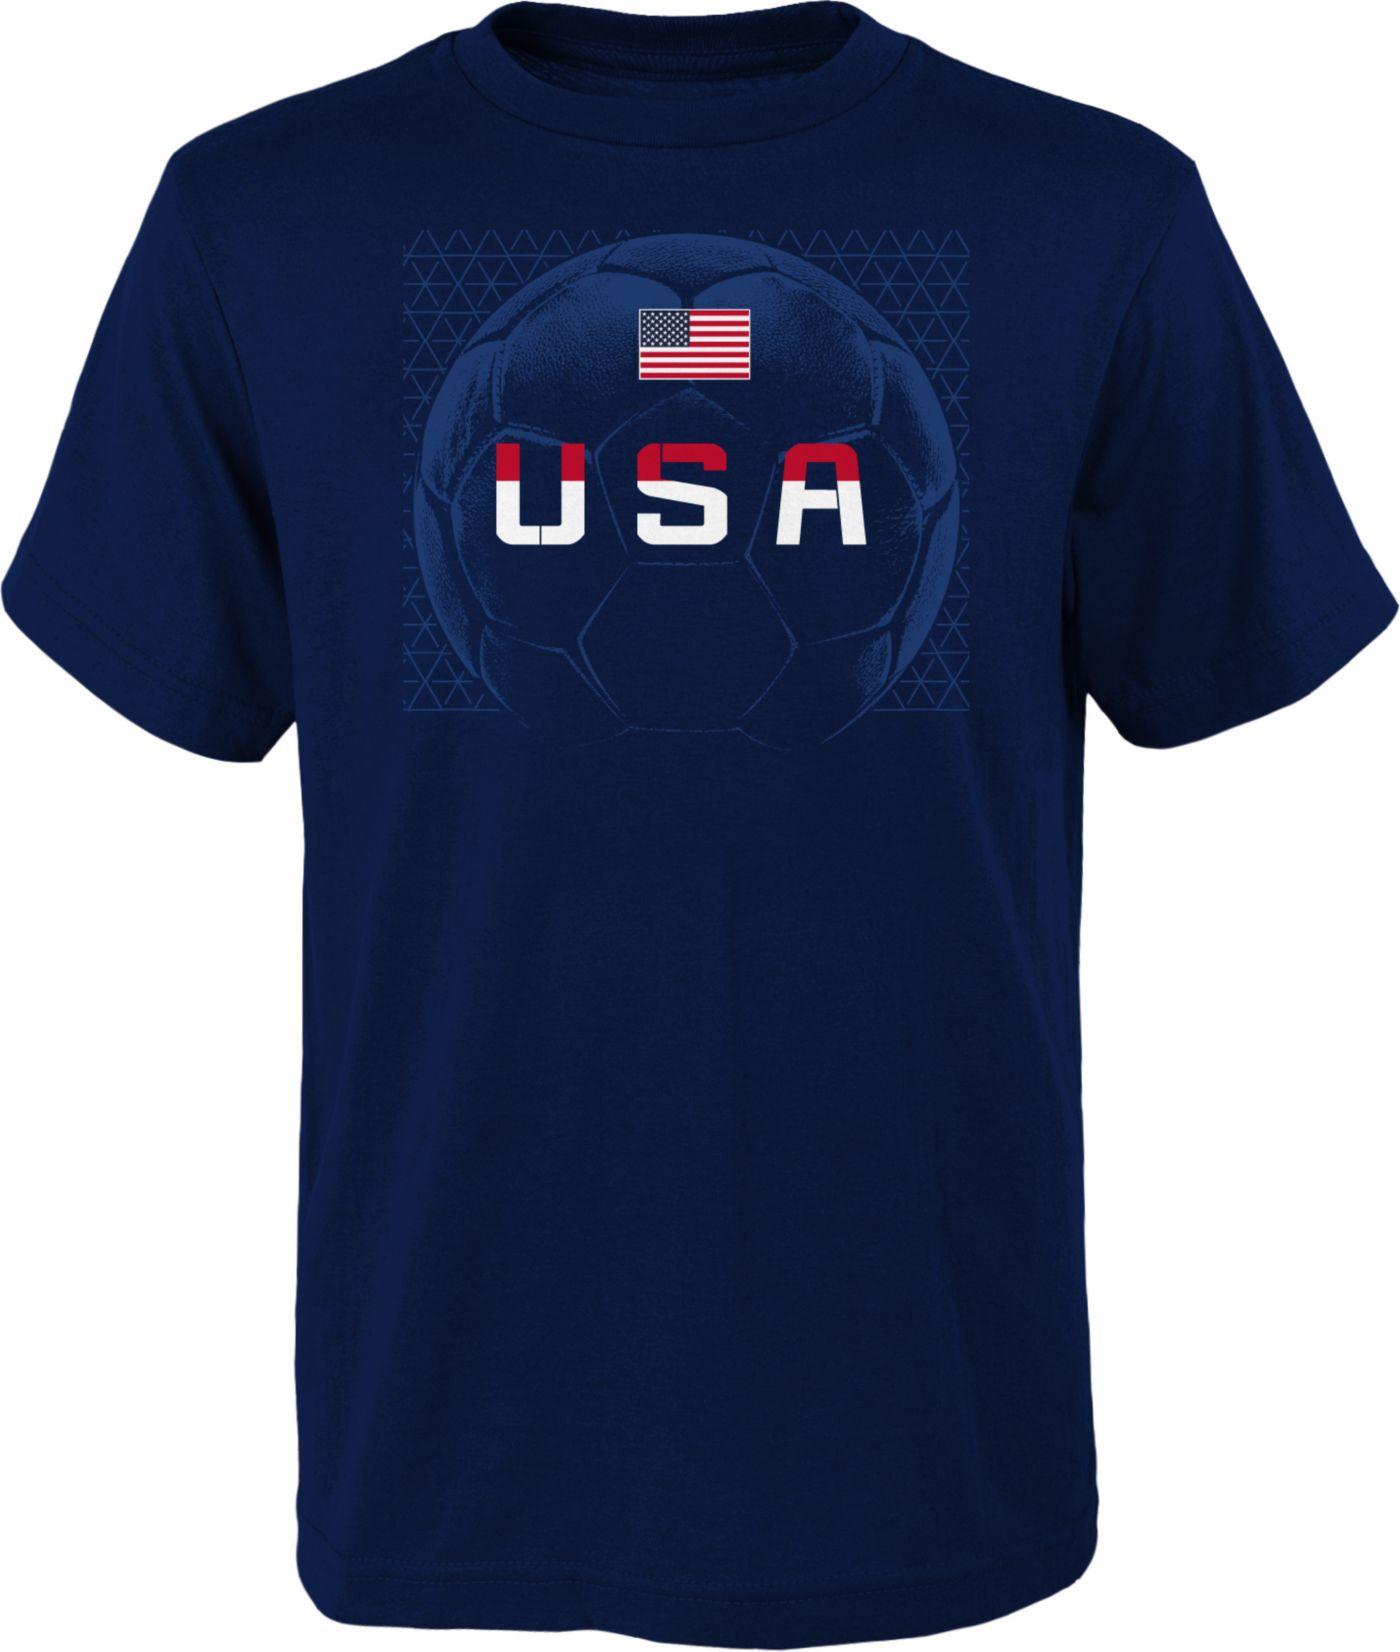 Outerstuff Men's USA Soccer Penalty Kick Navy T-Shirt